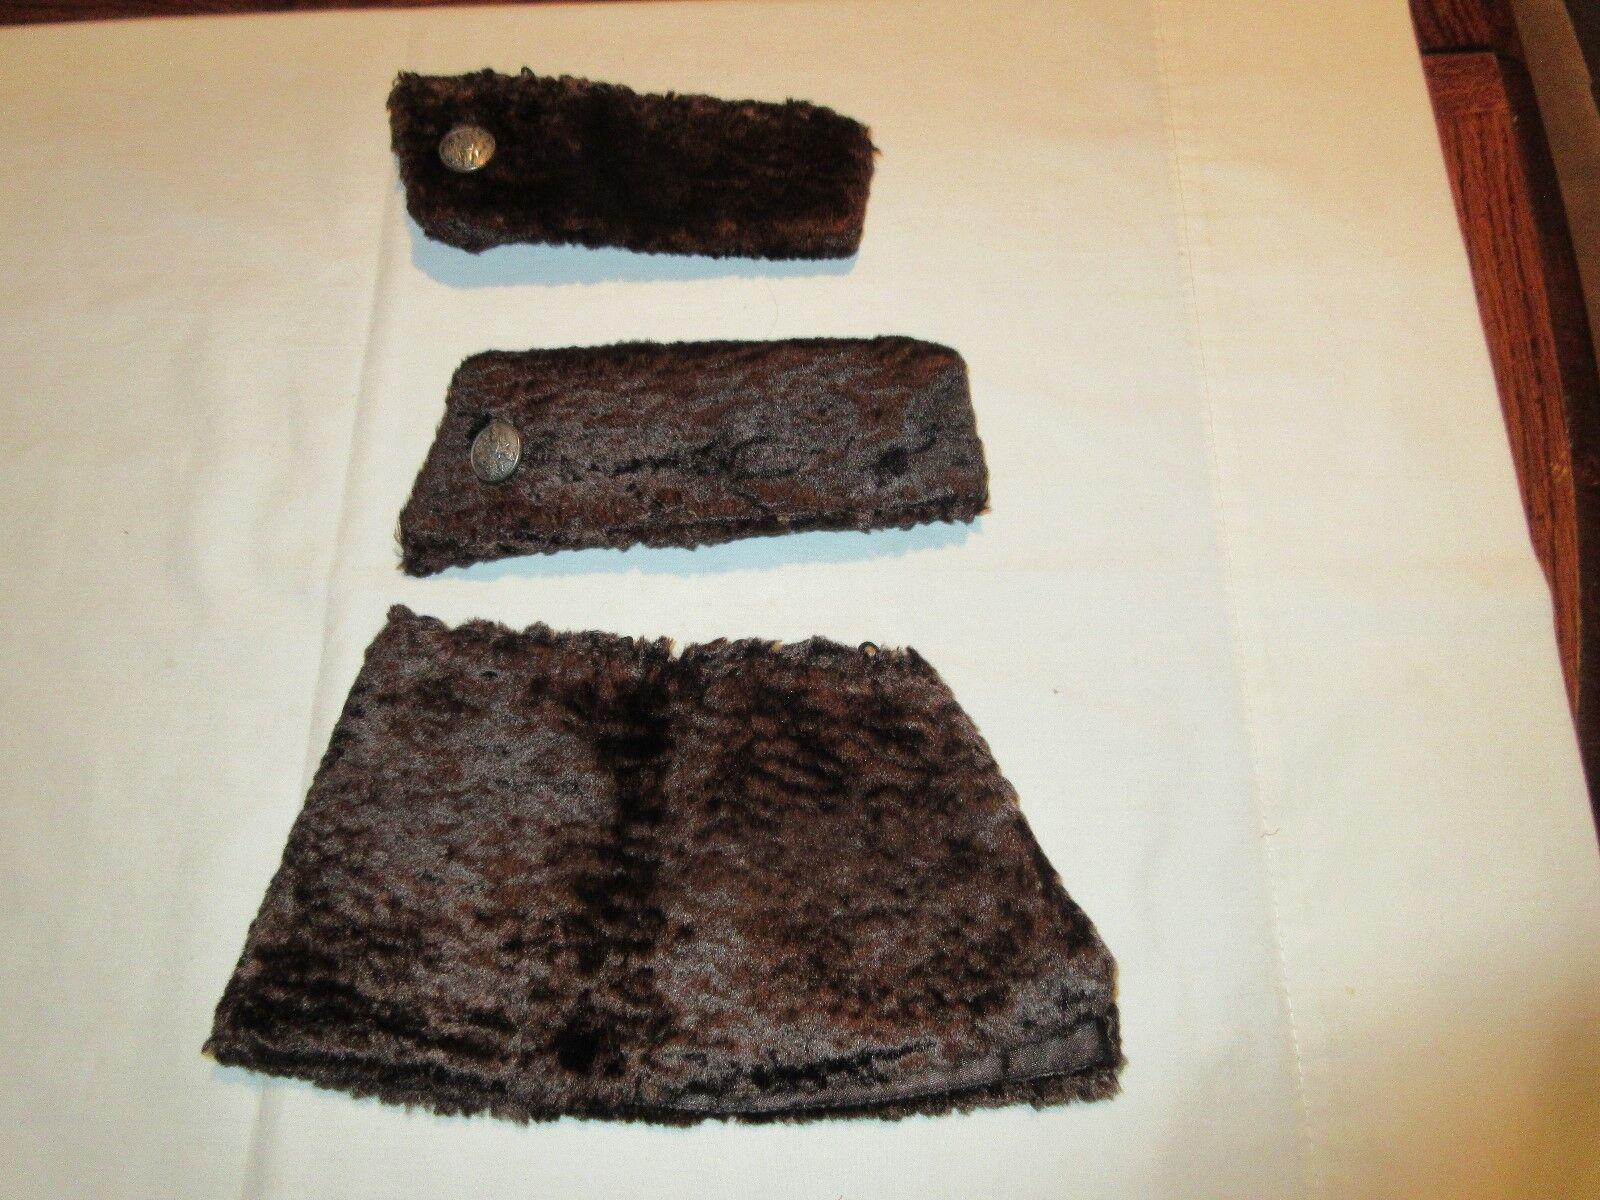 Women's Clothing, Fur Cuffs And Women's Tuxedo Accesory